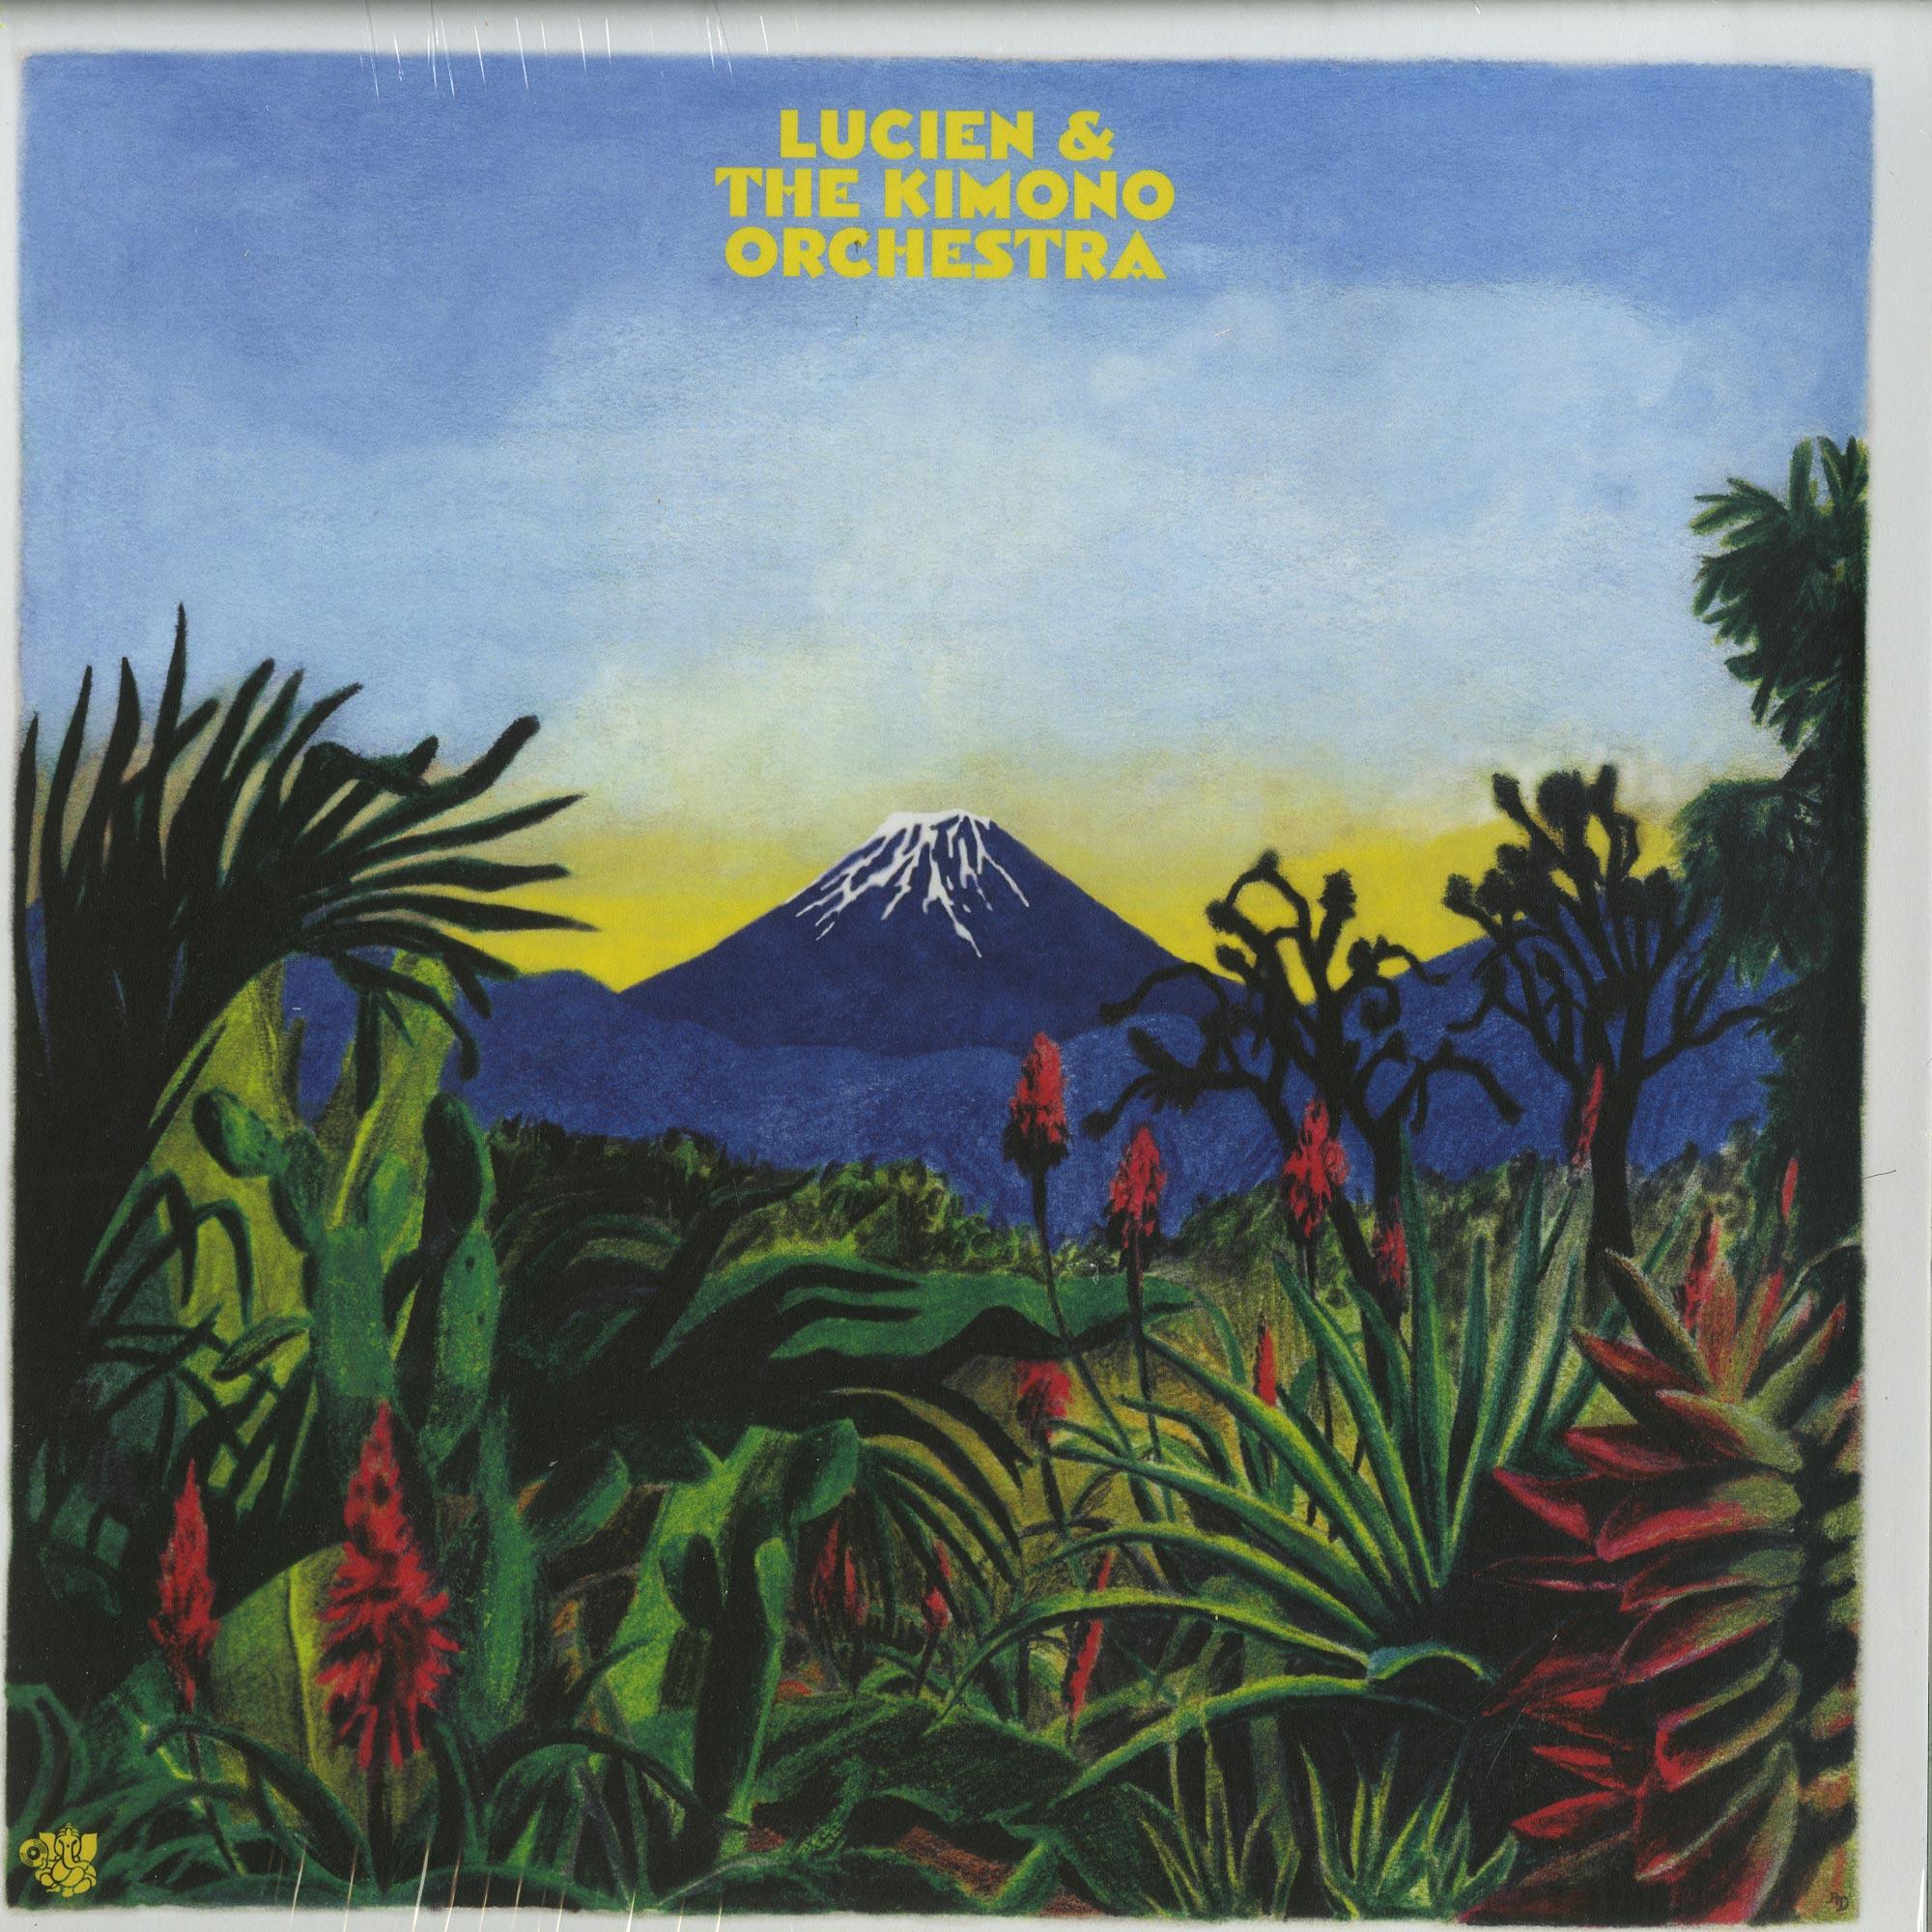 Lucien & The Kimono Orchestra - SP2500